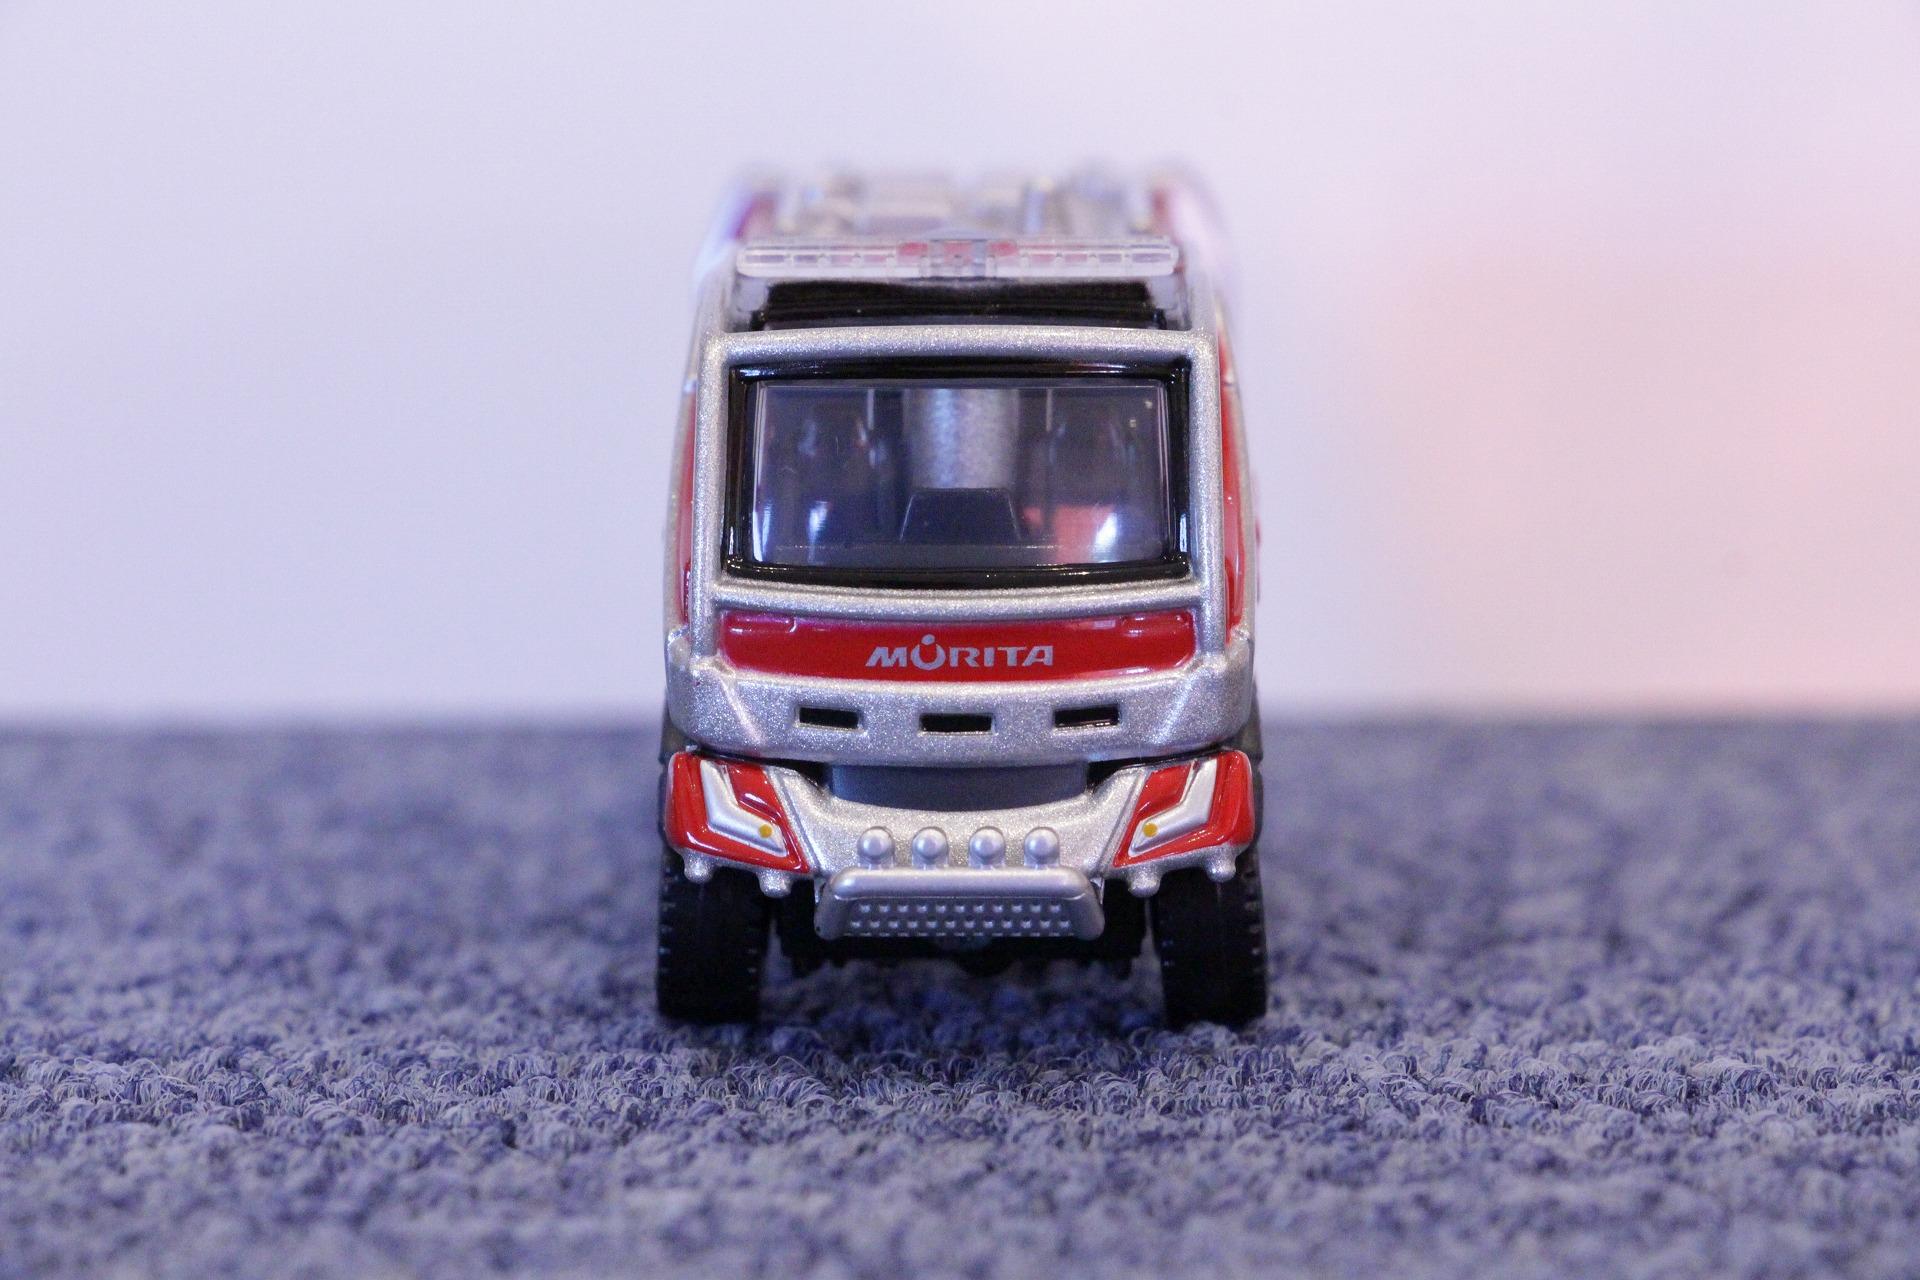 トミカプレミアム No.02 モリタ 林野火災用消防車